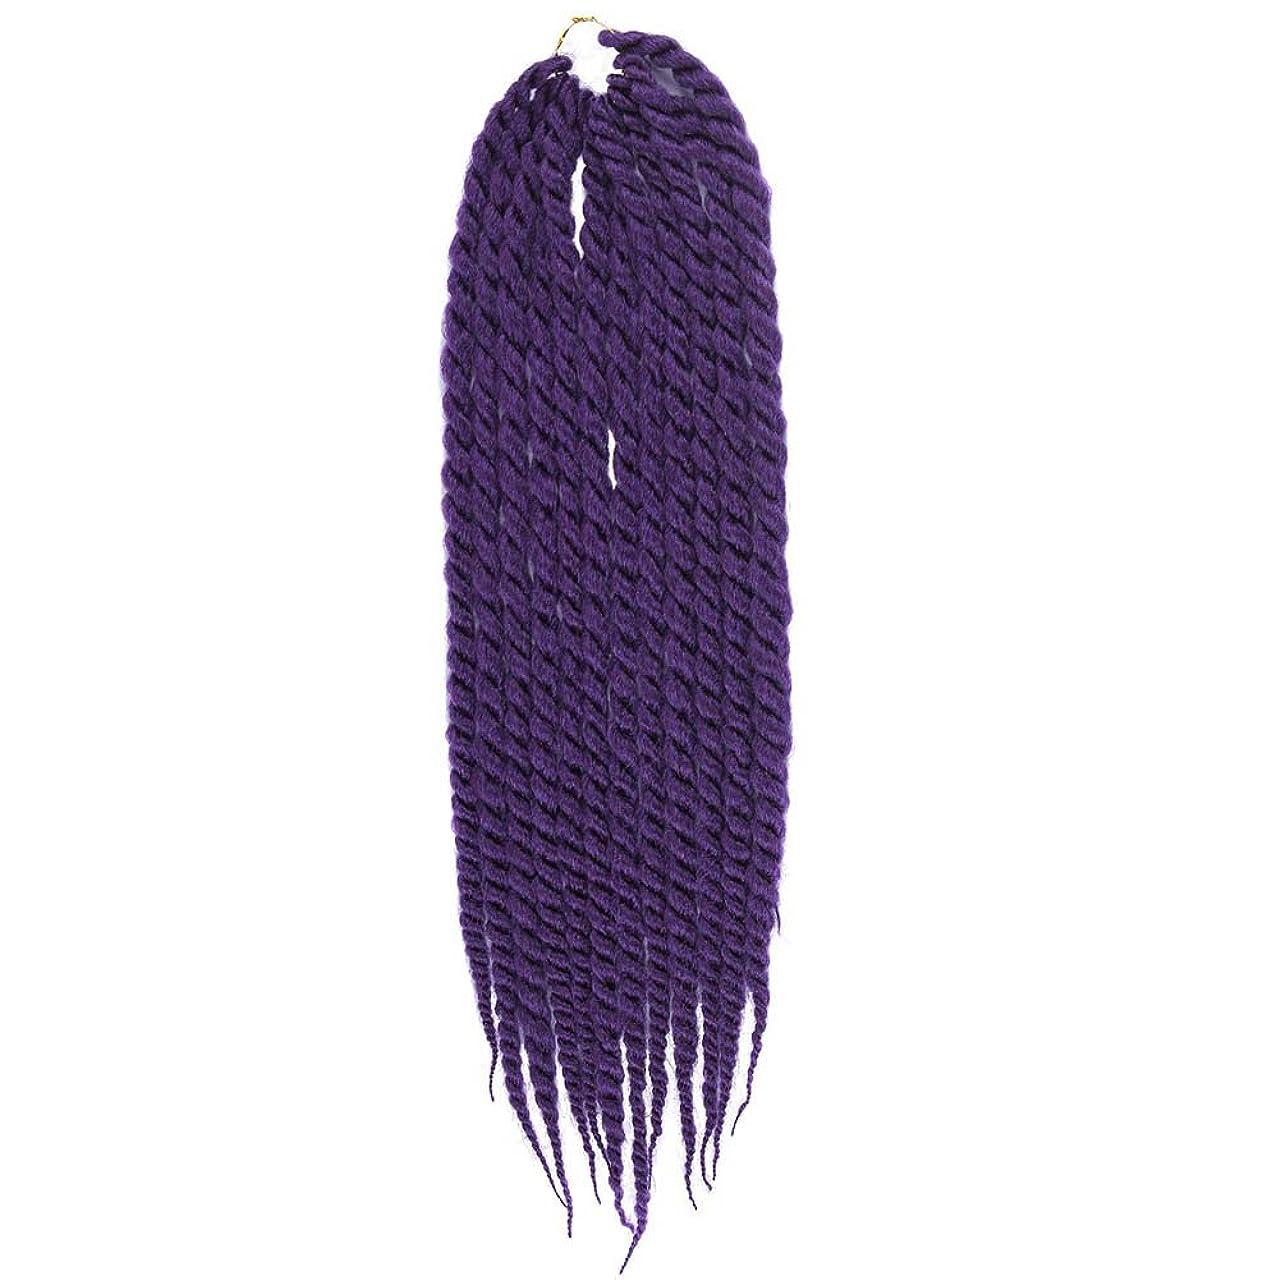 原子継続中スマッシュかつらファッション化学繊維ダブルストランドマルチカラー編組耐熱合成コスプレクールかつら